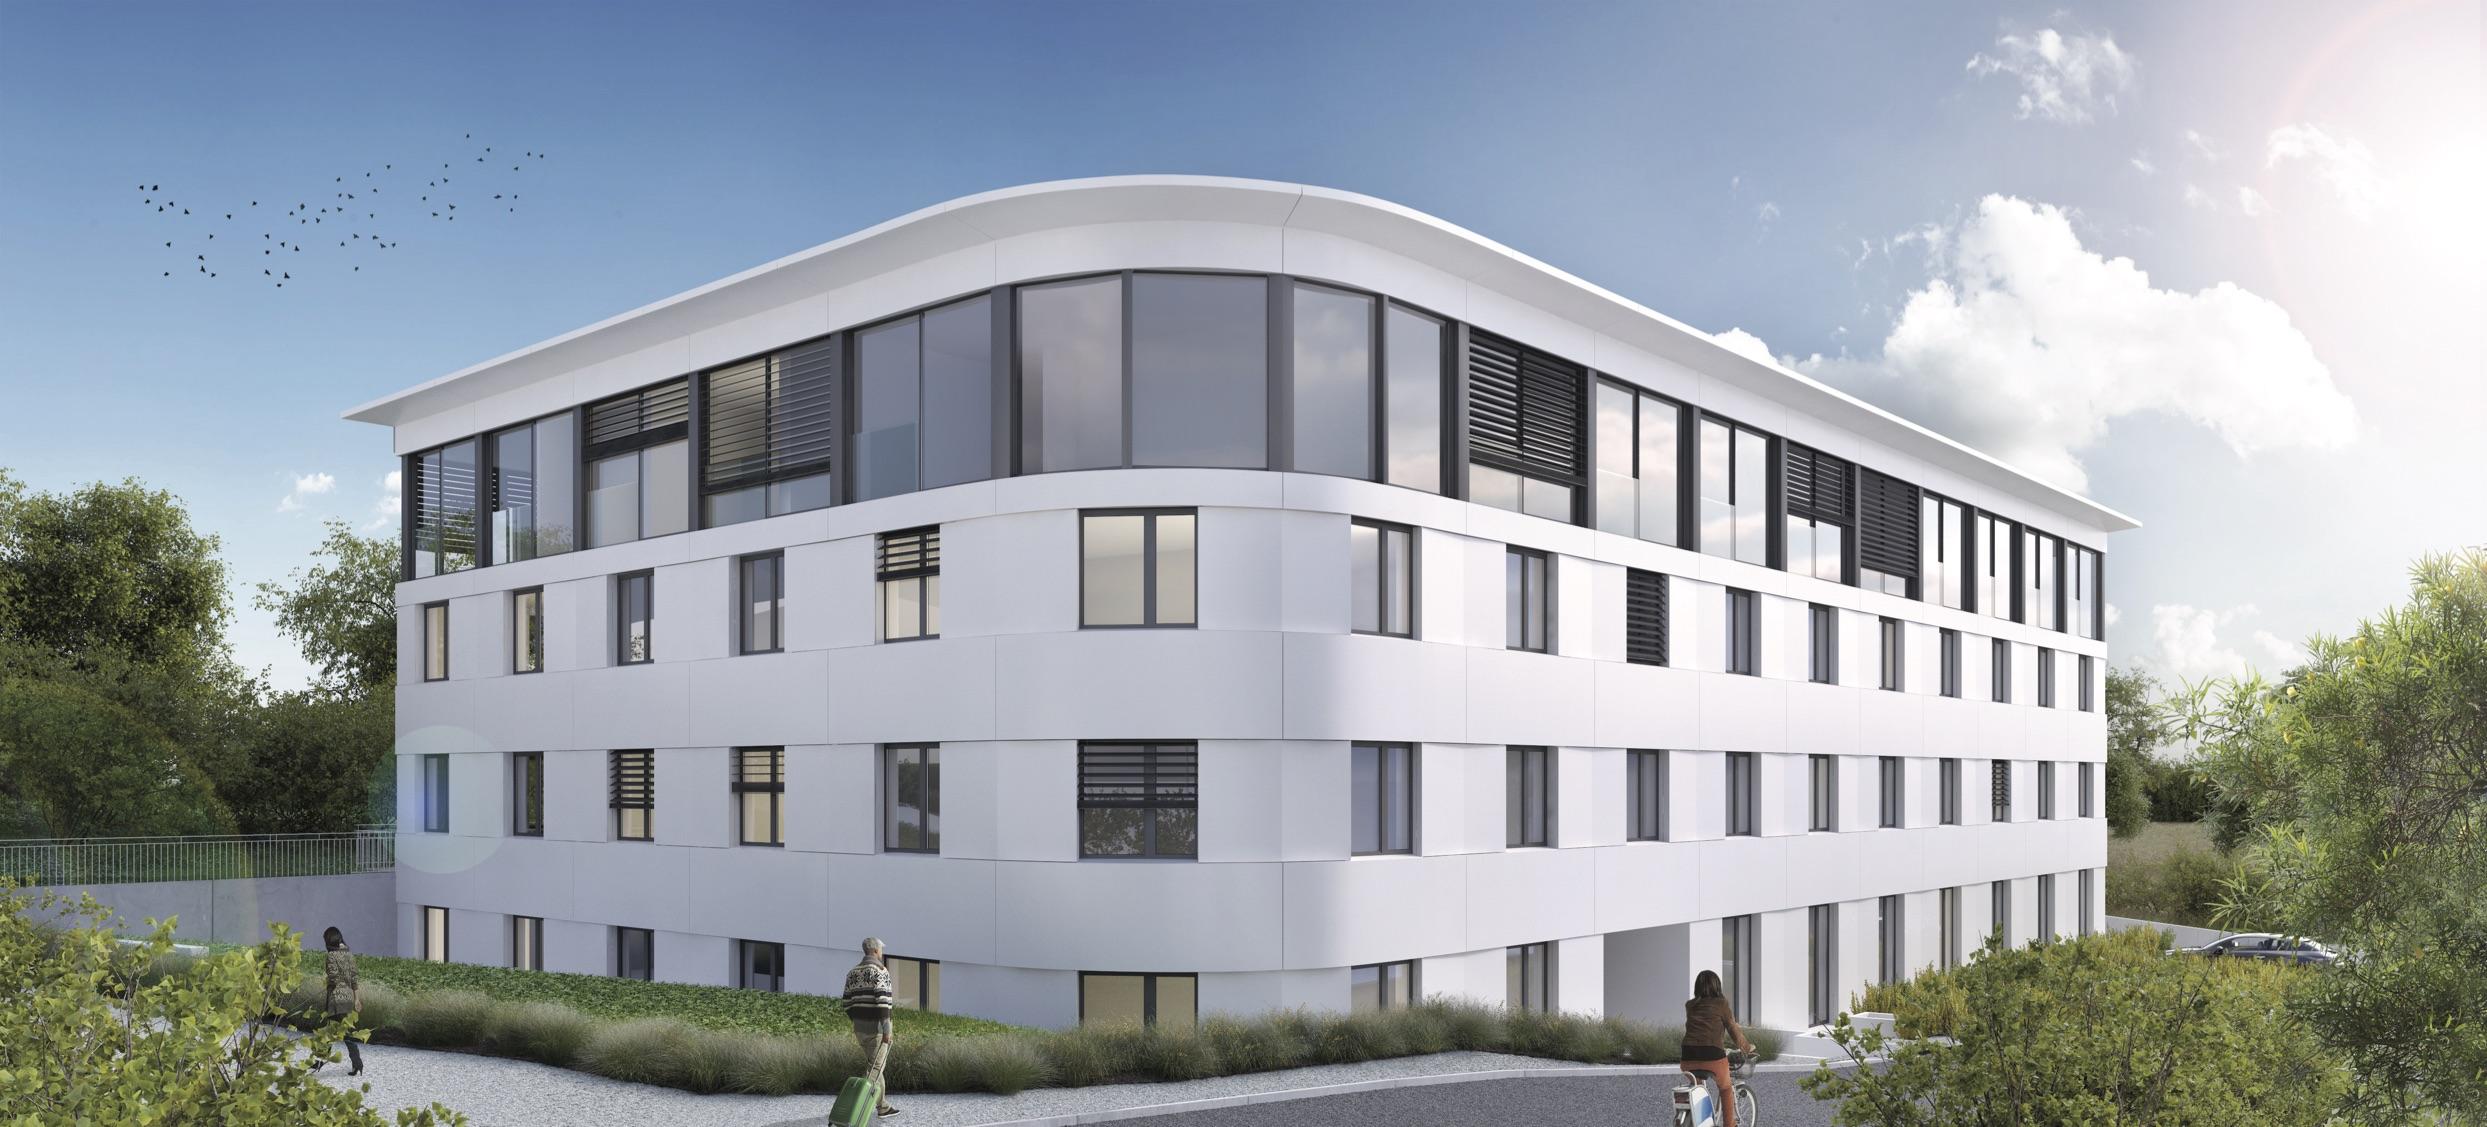 (ris+partenaires 2017 en cours)Projet:Immeuble de logementsEchandens - SuisseSurface: 4'160 m2 Chef de projet:Antoine RisBernd HardenMandat: Projet et construction